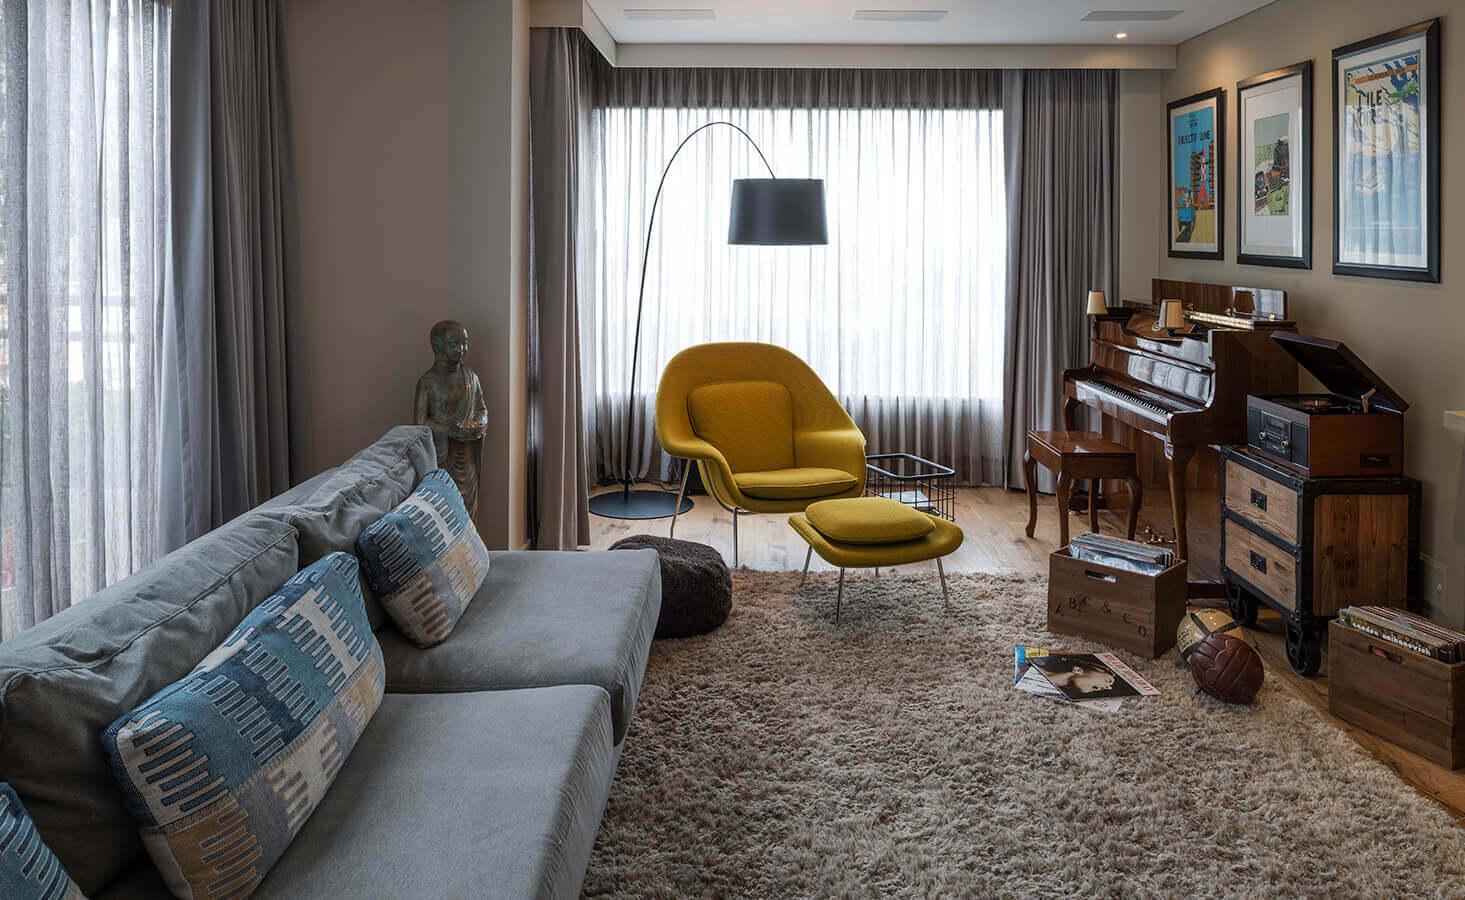 Para romper los paradigmas se contrastan en el mobiliario los colores y estilos.